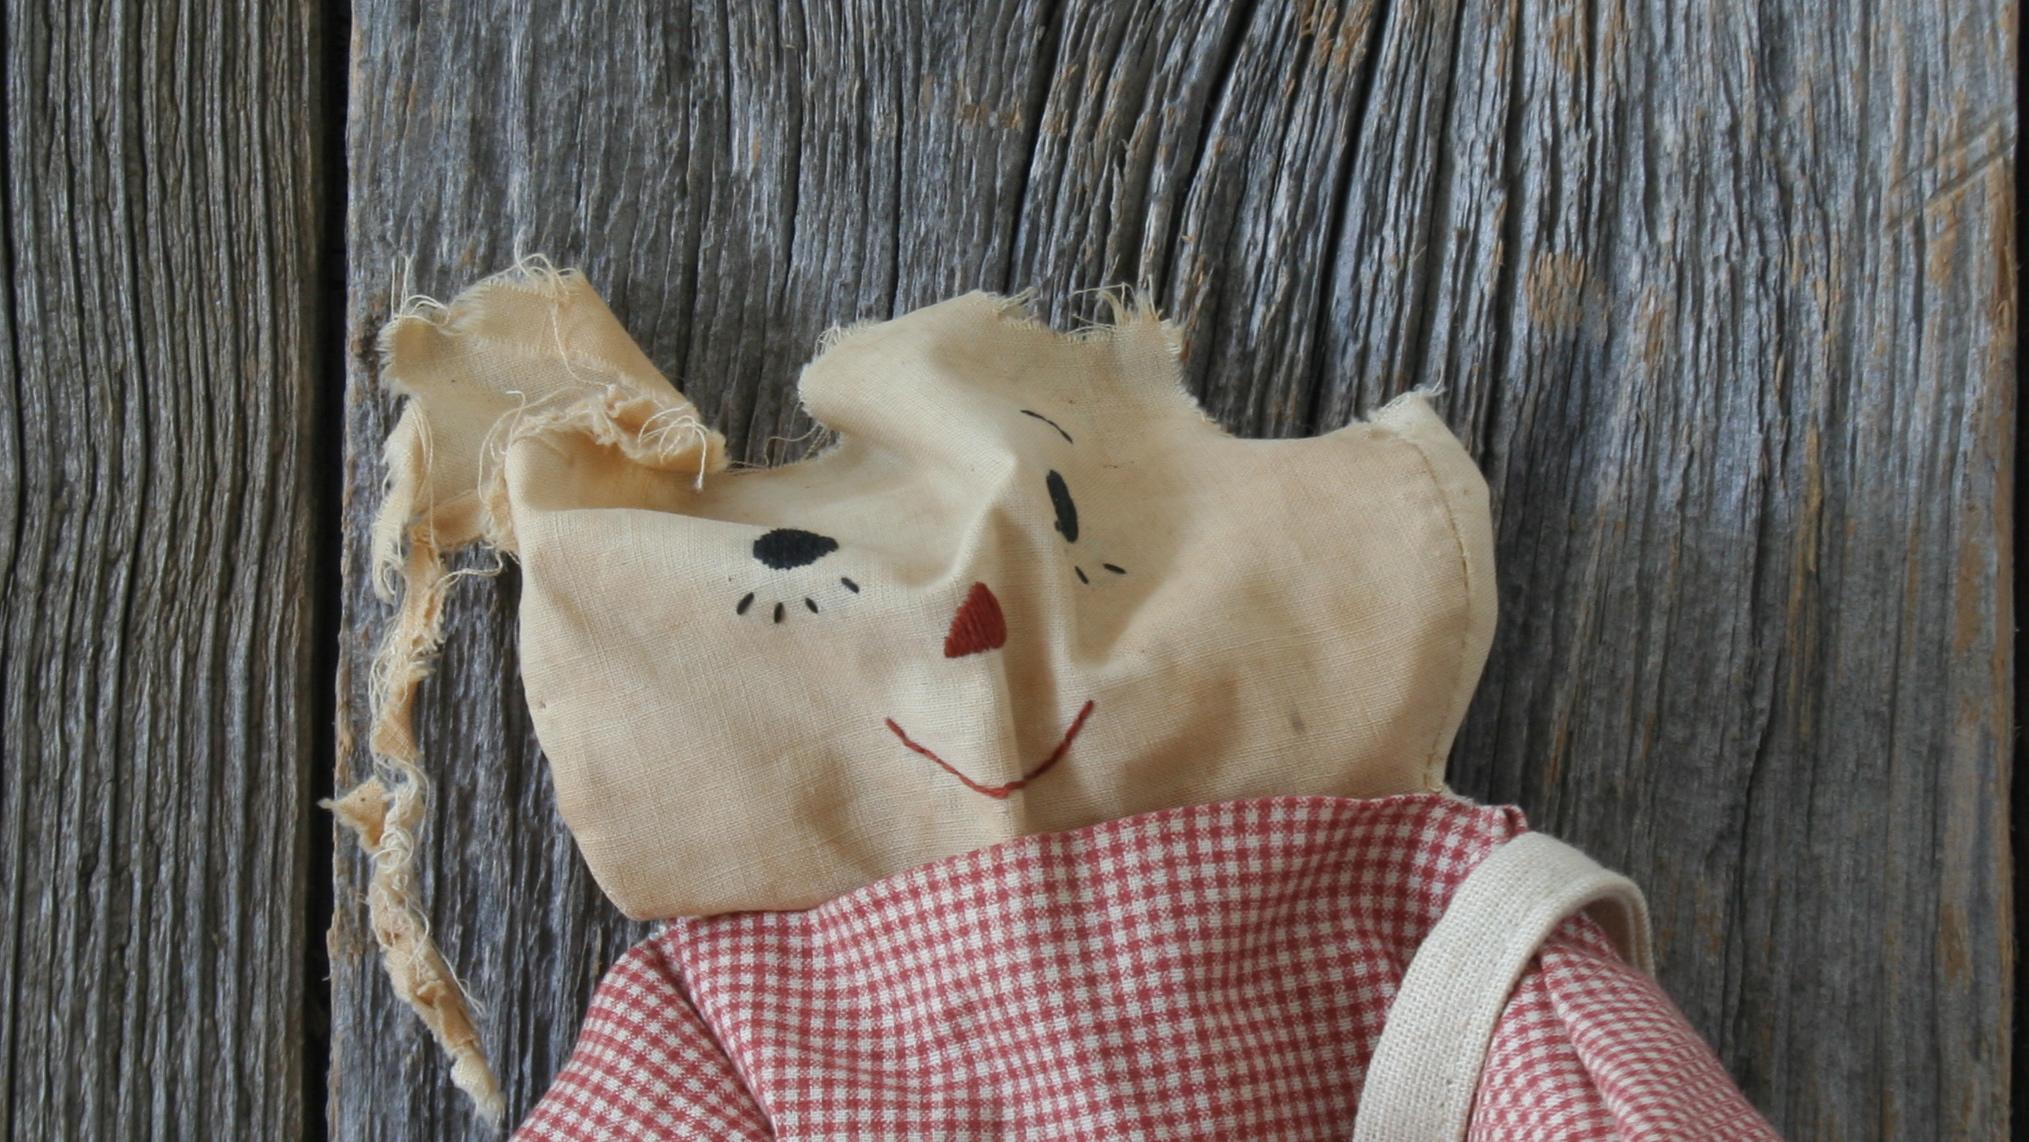 Raggedy Ann Face - needing repair